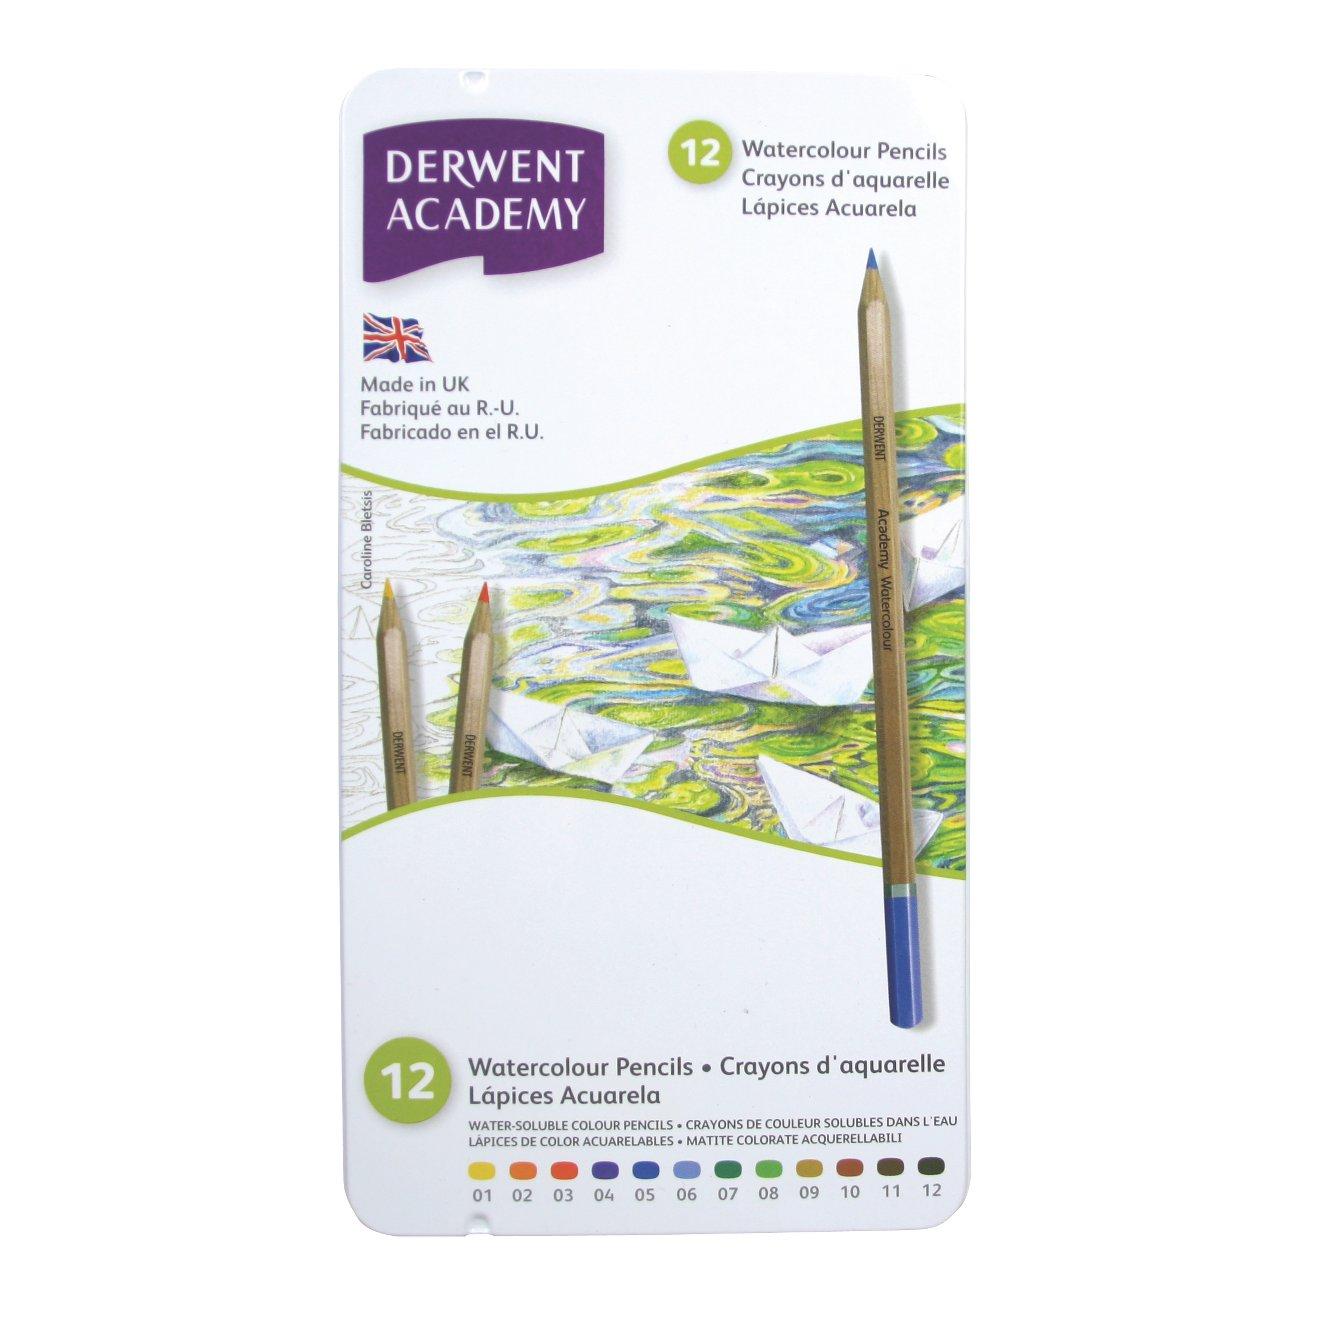 Derwent Academy Watercolor Pencils, 3.3mm Core, Metal Tin, 12 Count (2301941)